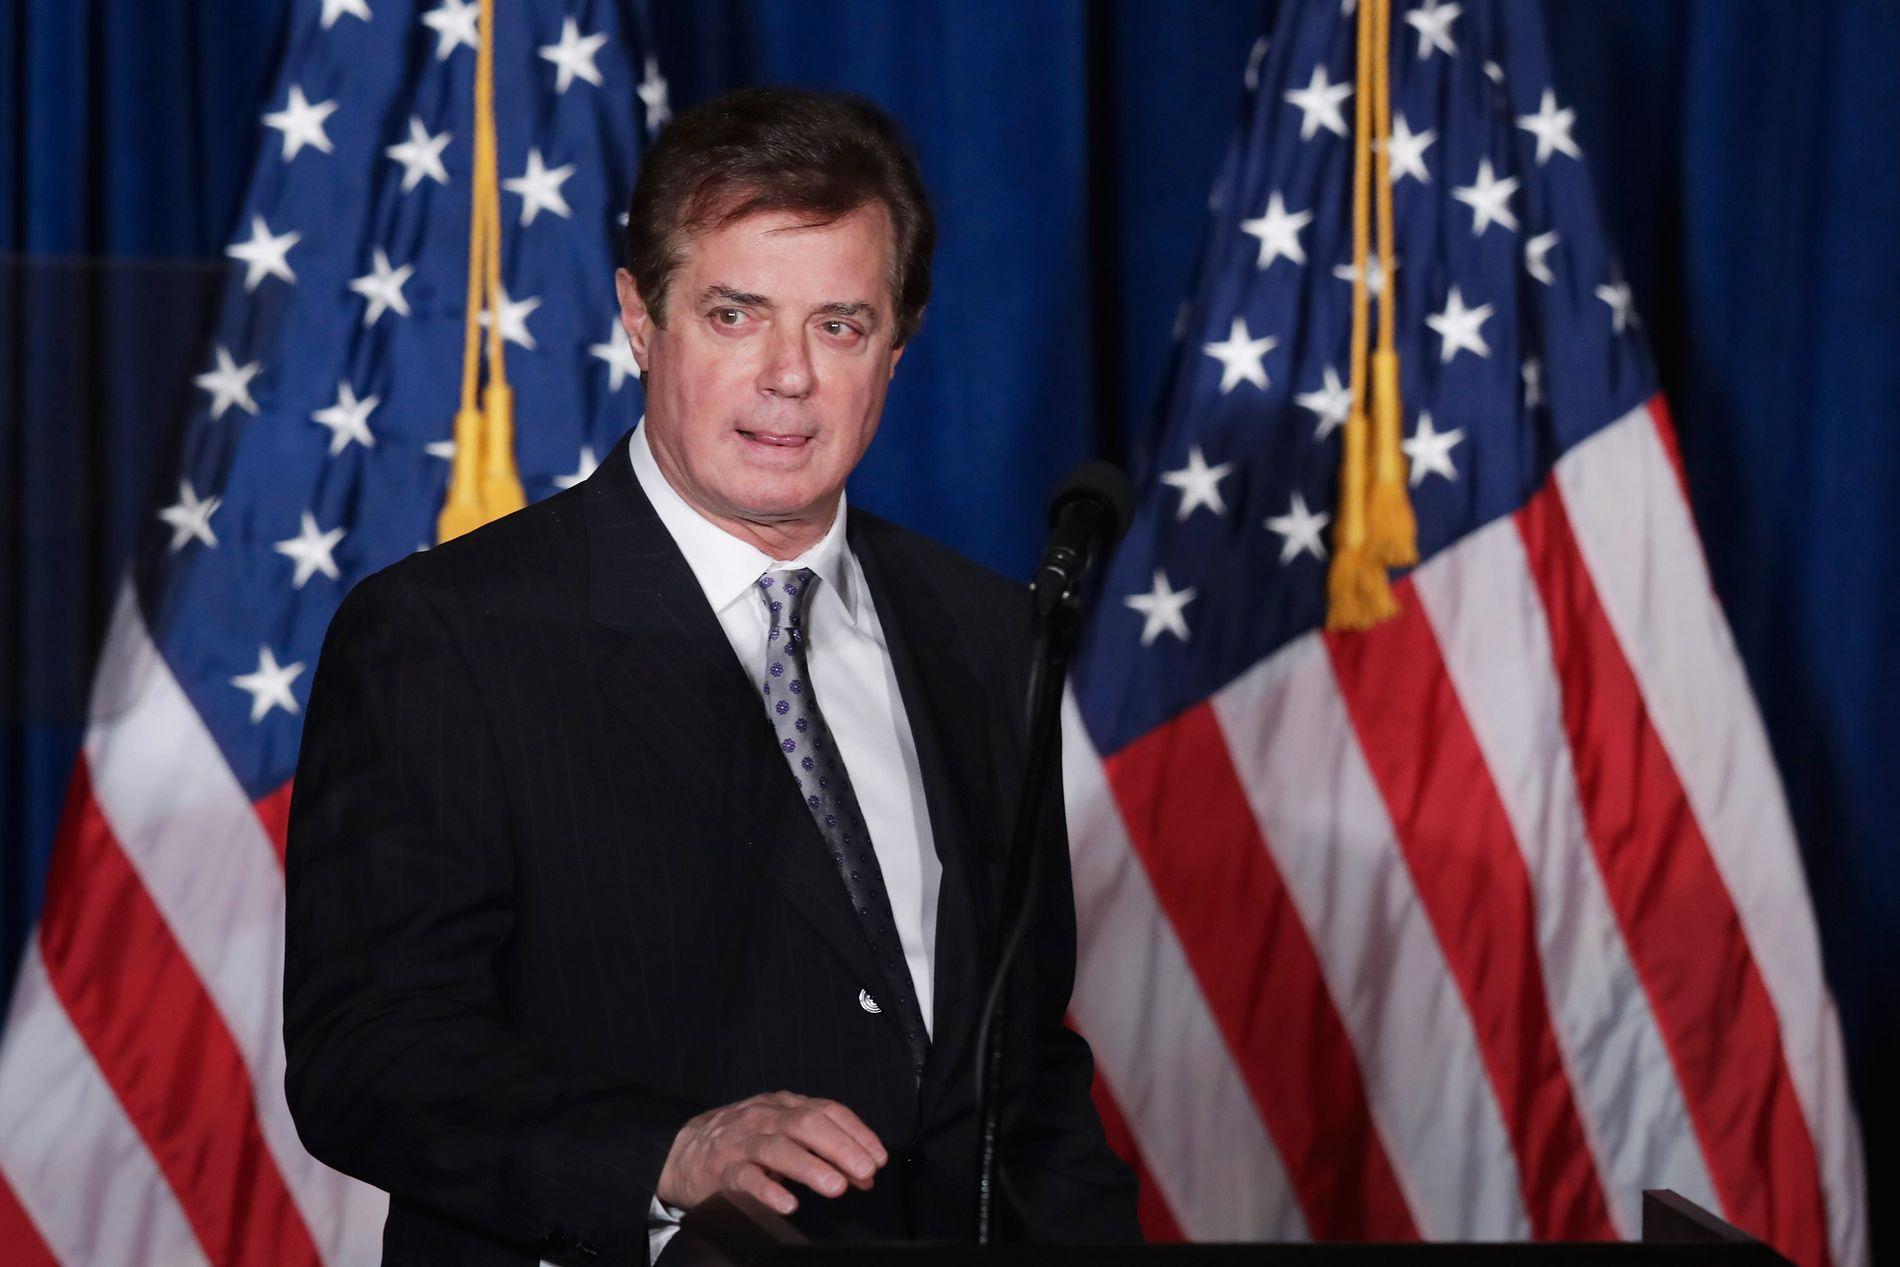 ANGA SEG SELV: Tidligere kampanjesjef for Donald Trumps valgkamp, Paul Manafort, ble mandag siktet i forbindelse med FBIs etterforskning av russiske myndigheters bånd til Trump-kampanjen.